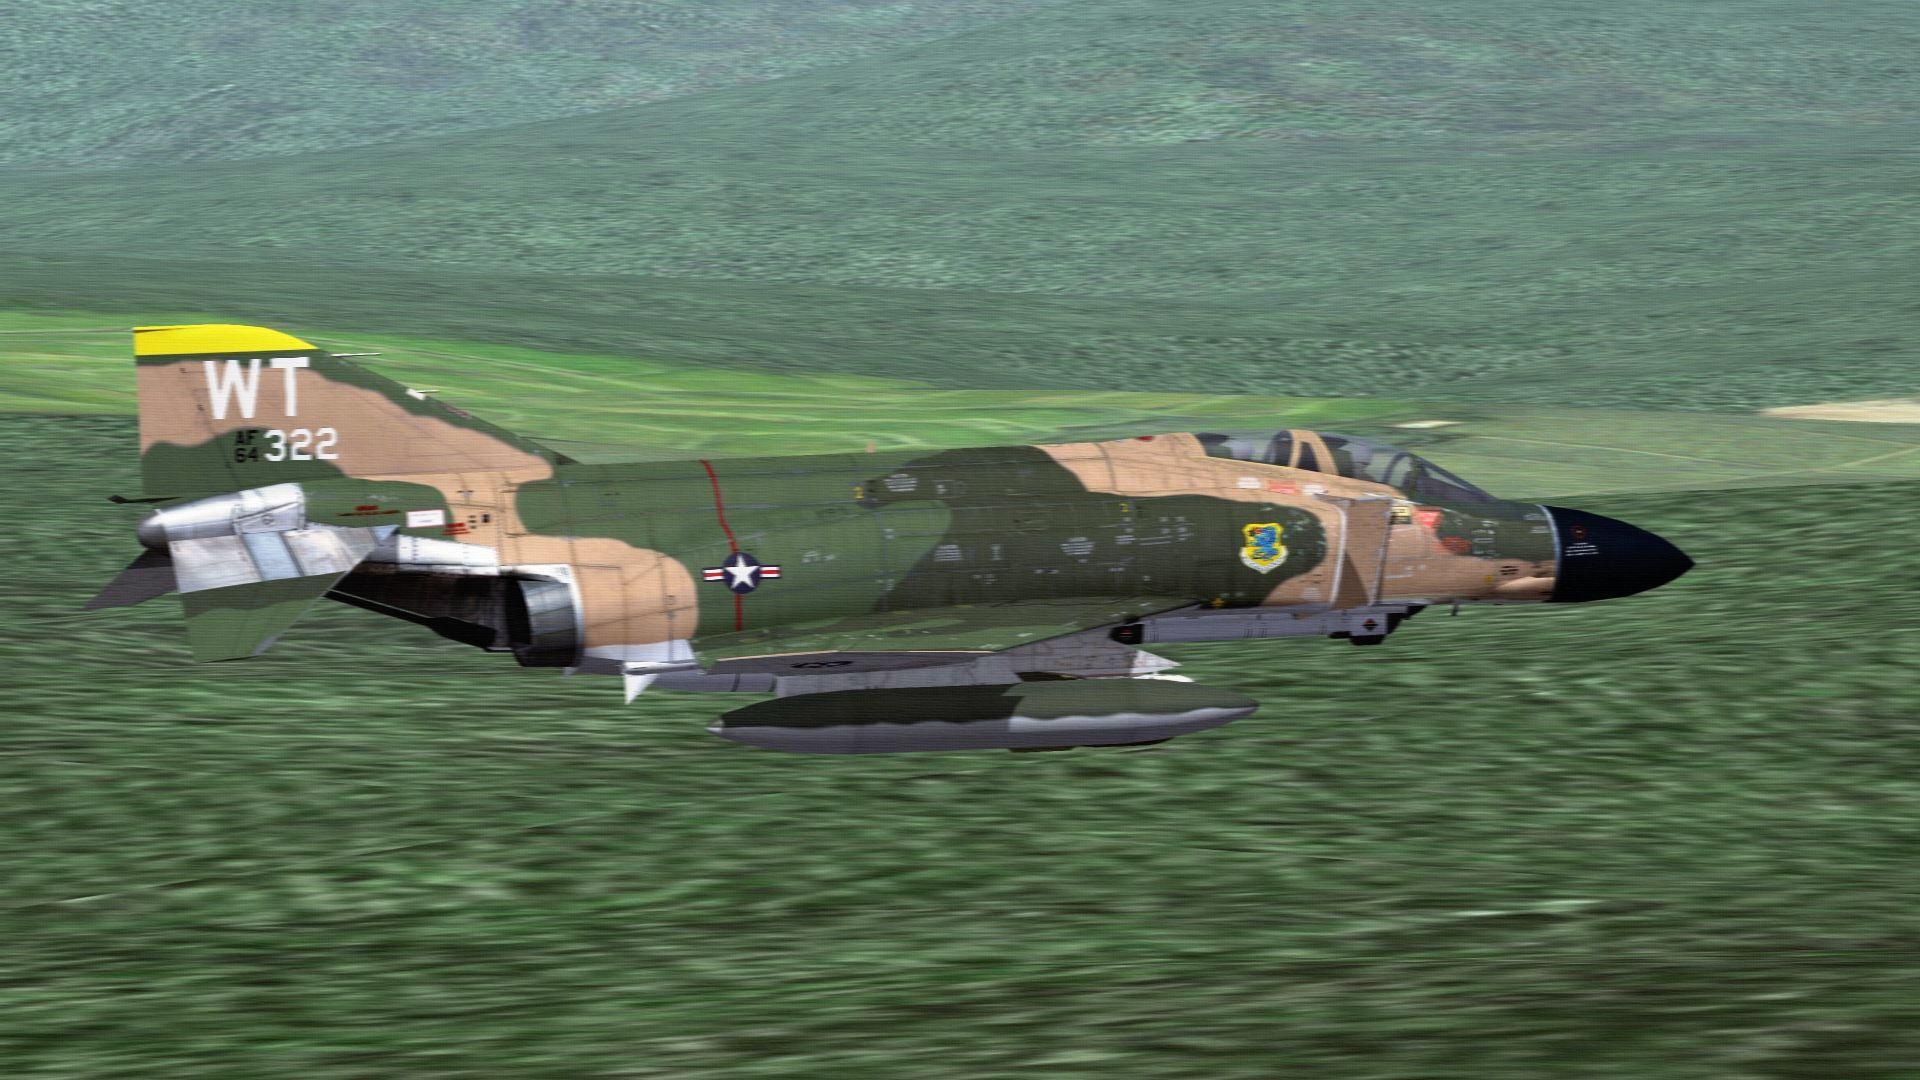 USAFF-110CPHANTOM03_zpsc3ff5554.jpg